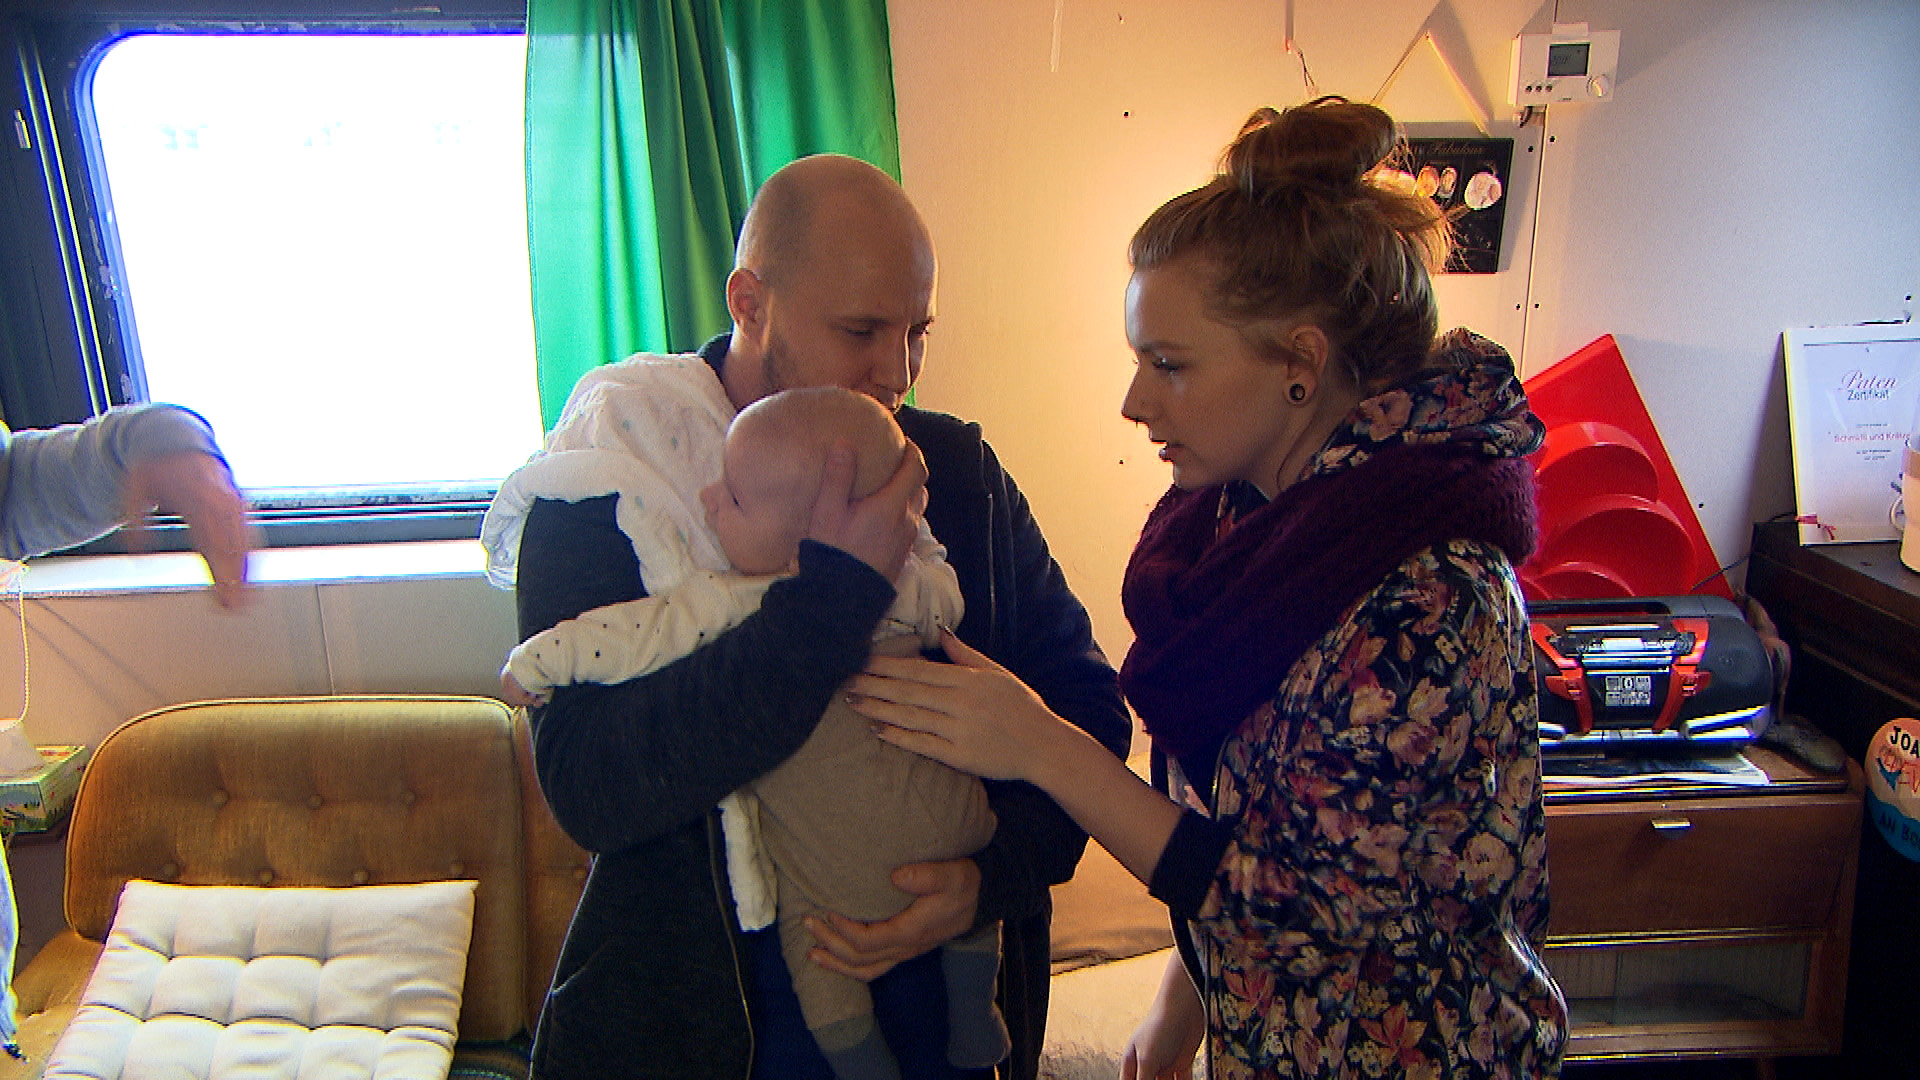 Krätze bringt es nicht übers Herz, die Verantwortung für seinen Sohn in die Hände von Schmidti, Bülent und Emmi zu legen, und will Baby Ben mit zur Arbeit nehmen. (Quelle: RTL 2)